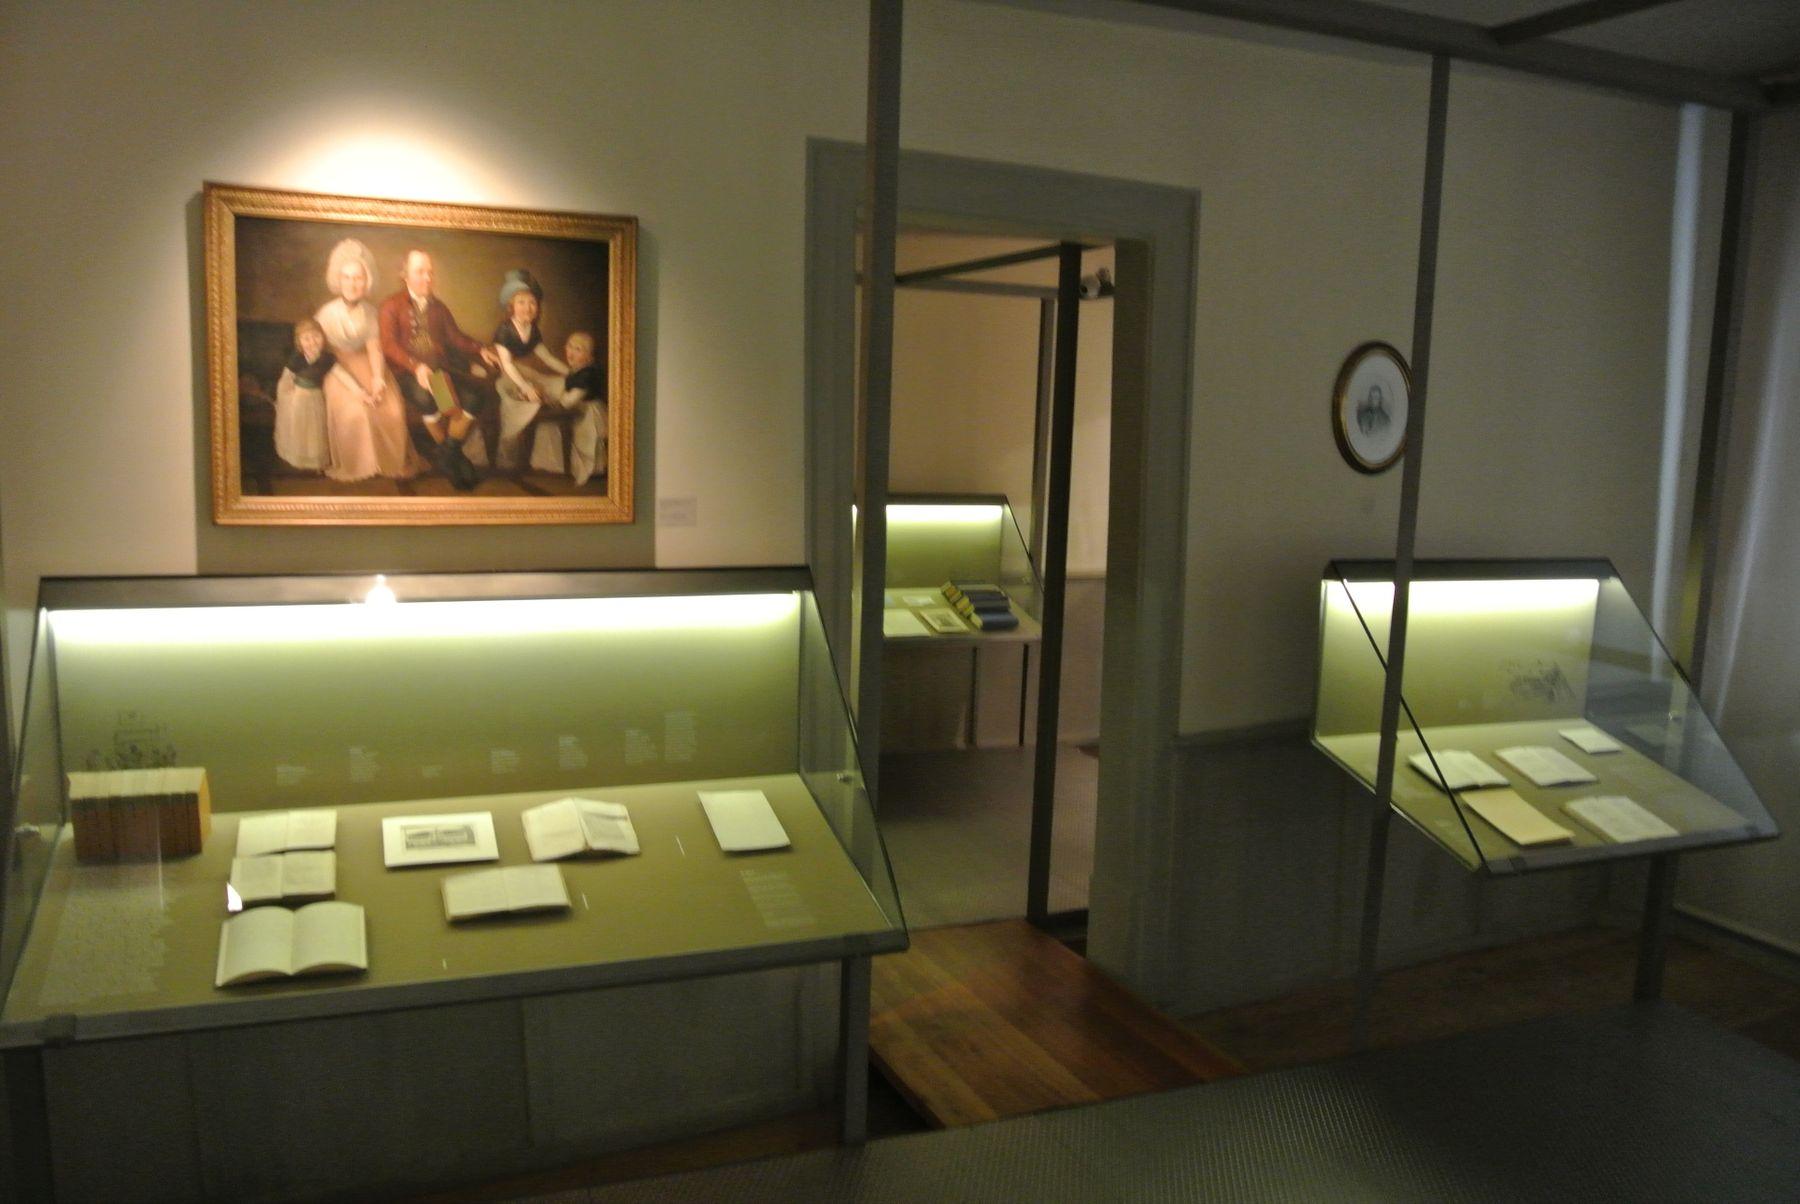 Himatmuseum Reutlingen, Hermann Kurz